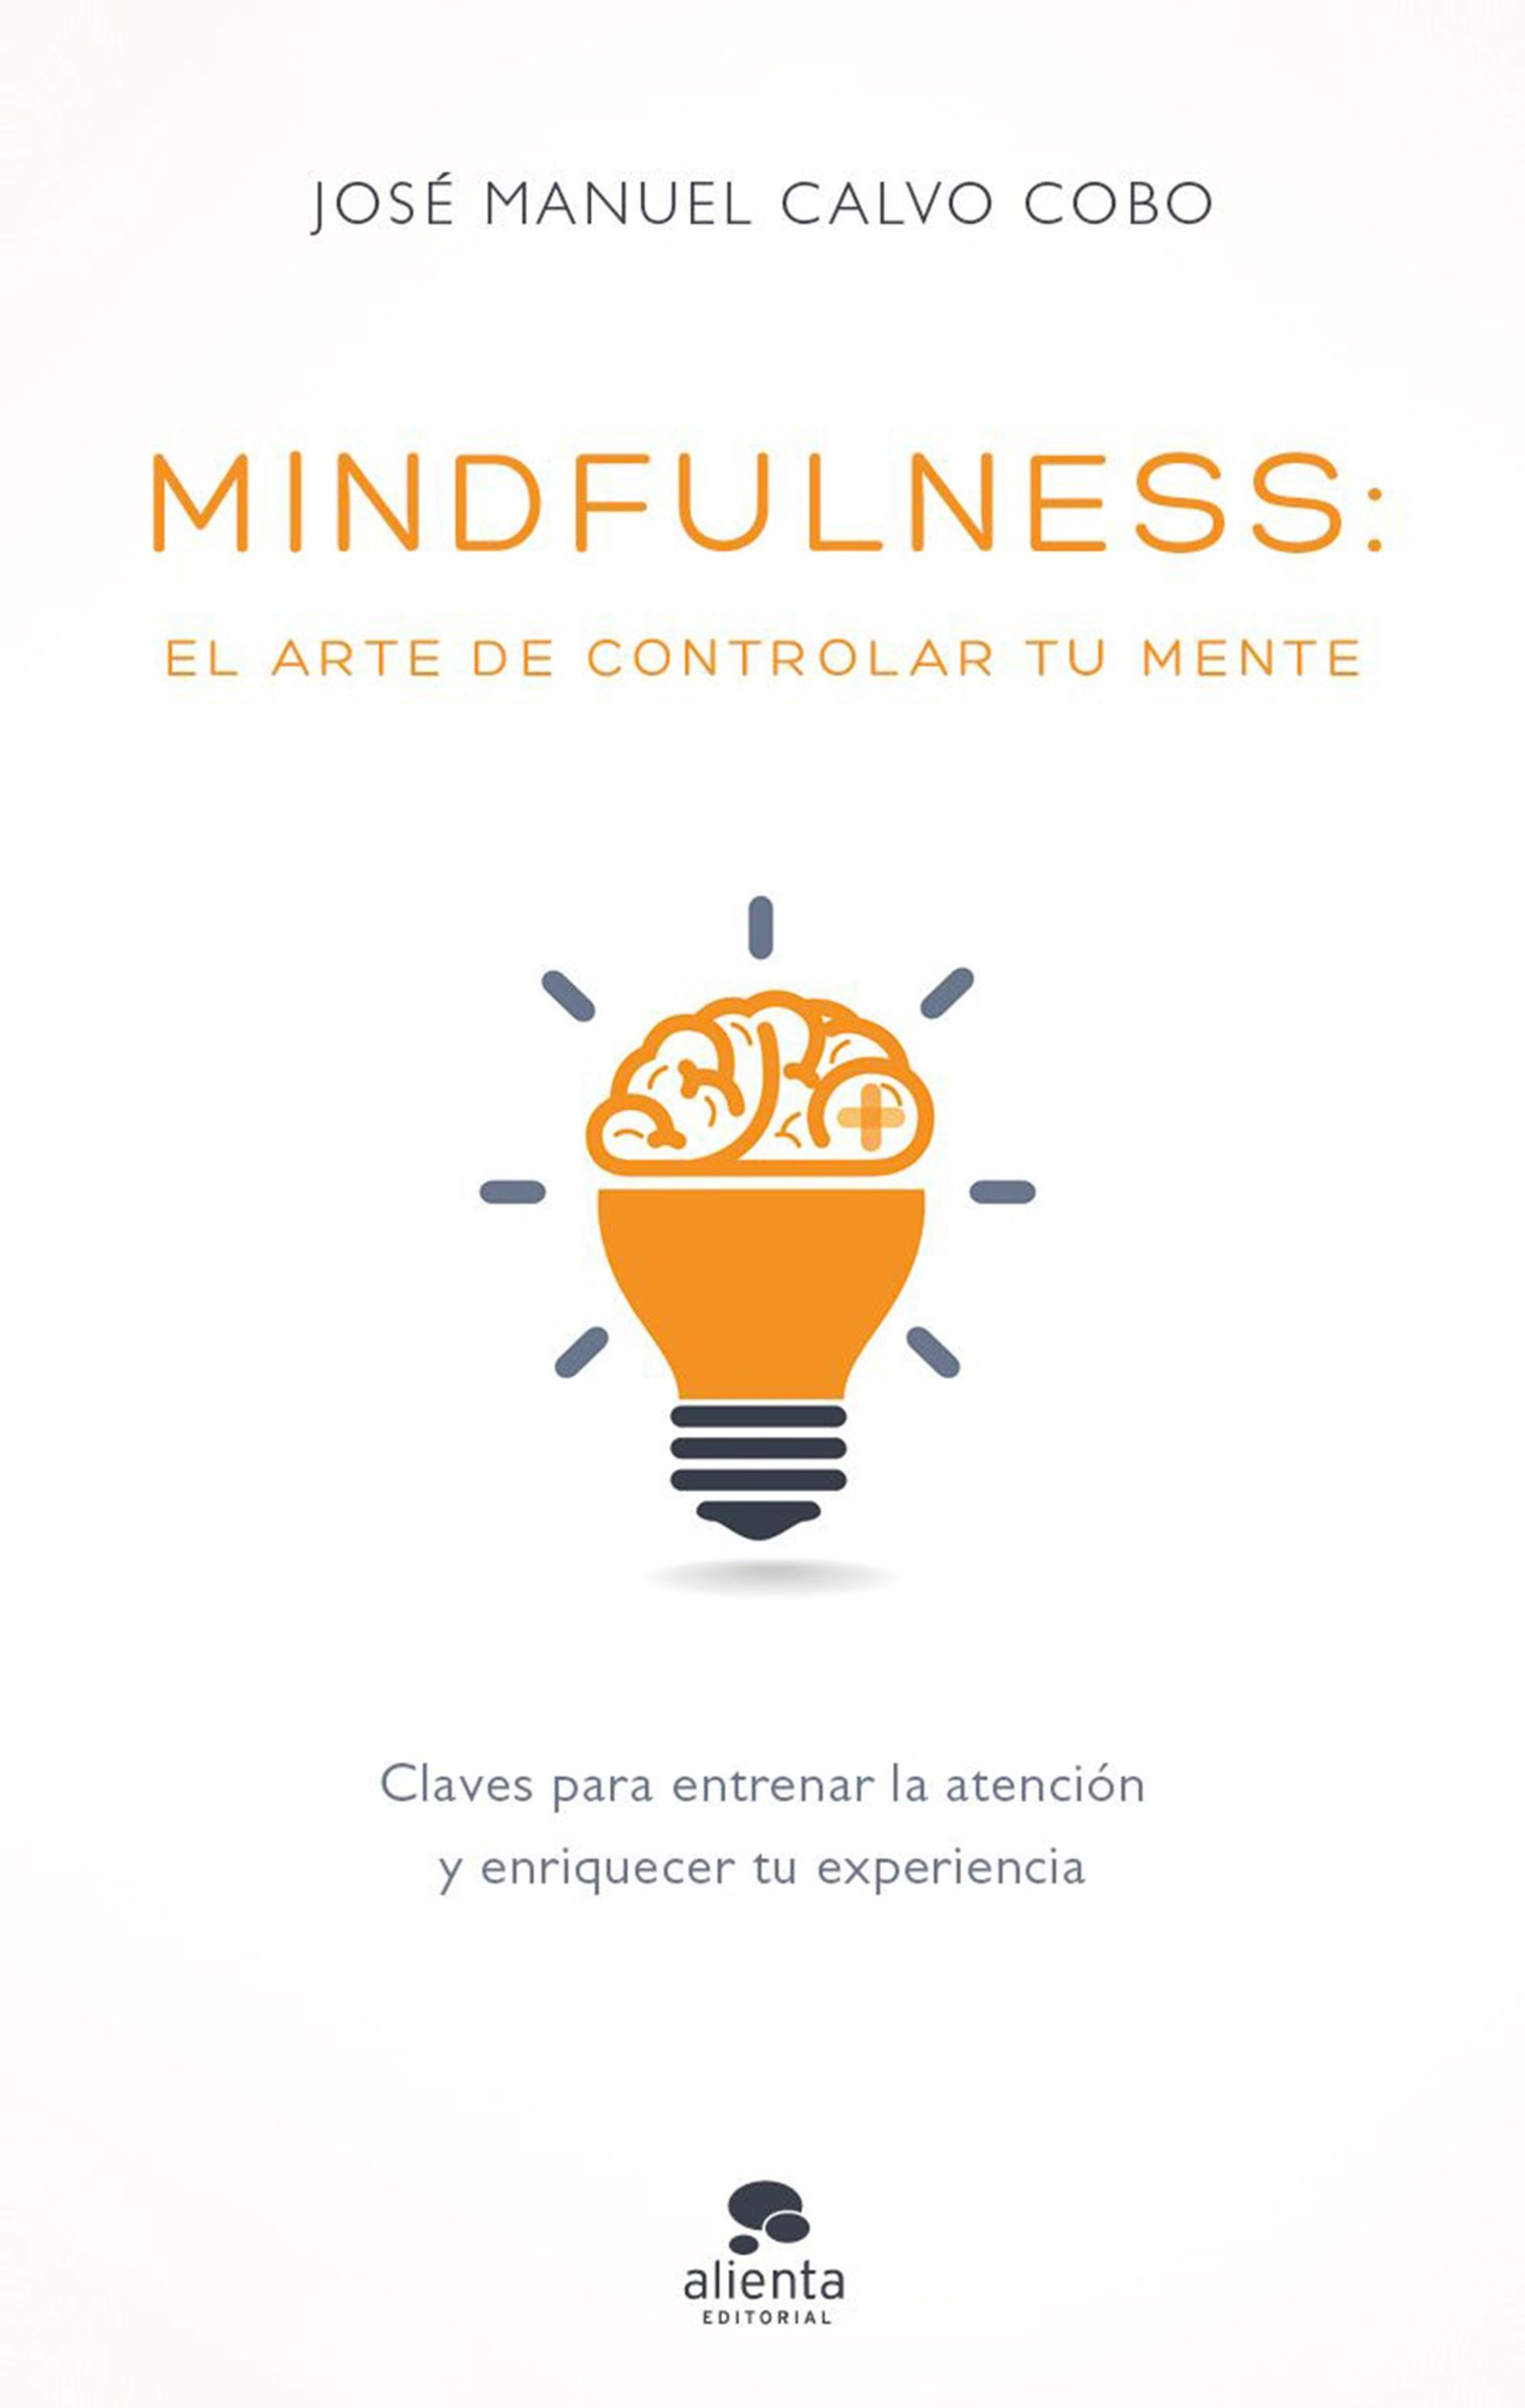 Mindfulness: el arte de controlar tu mente